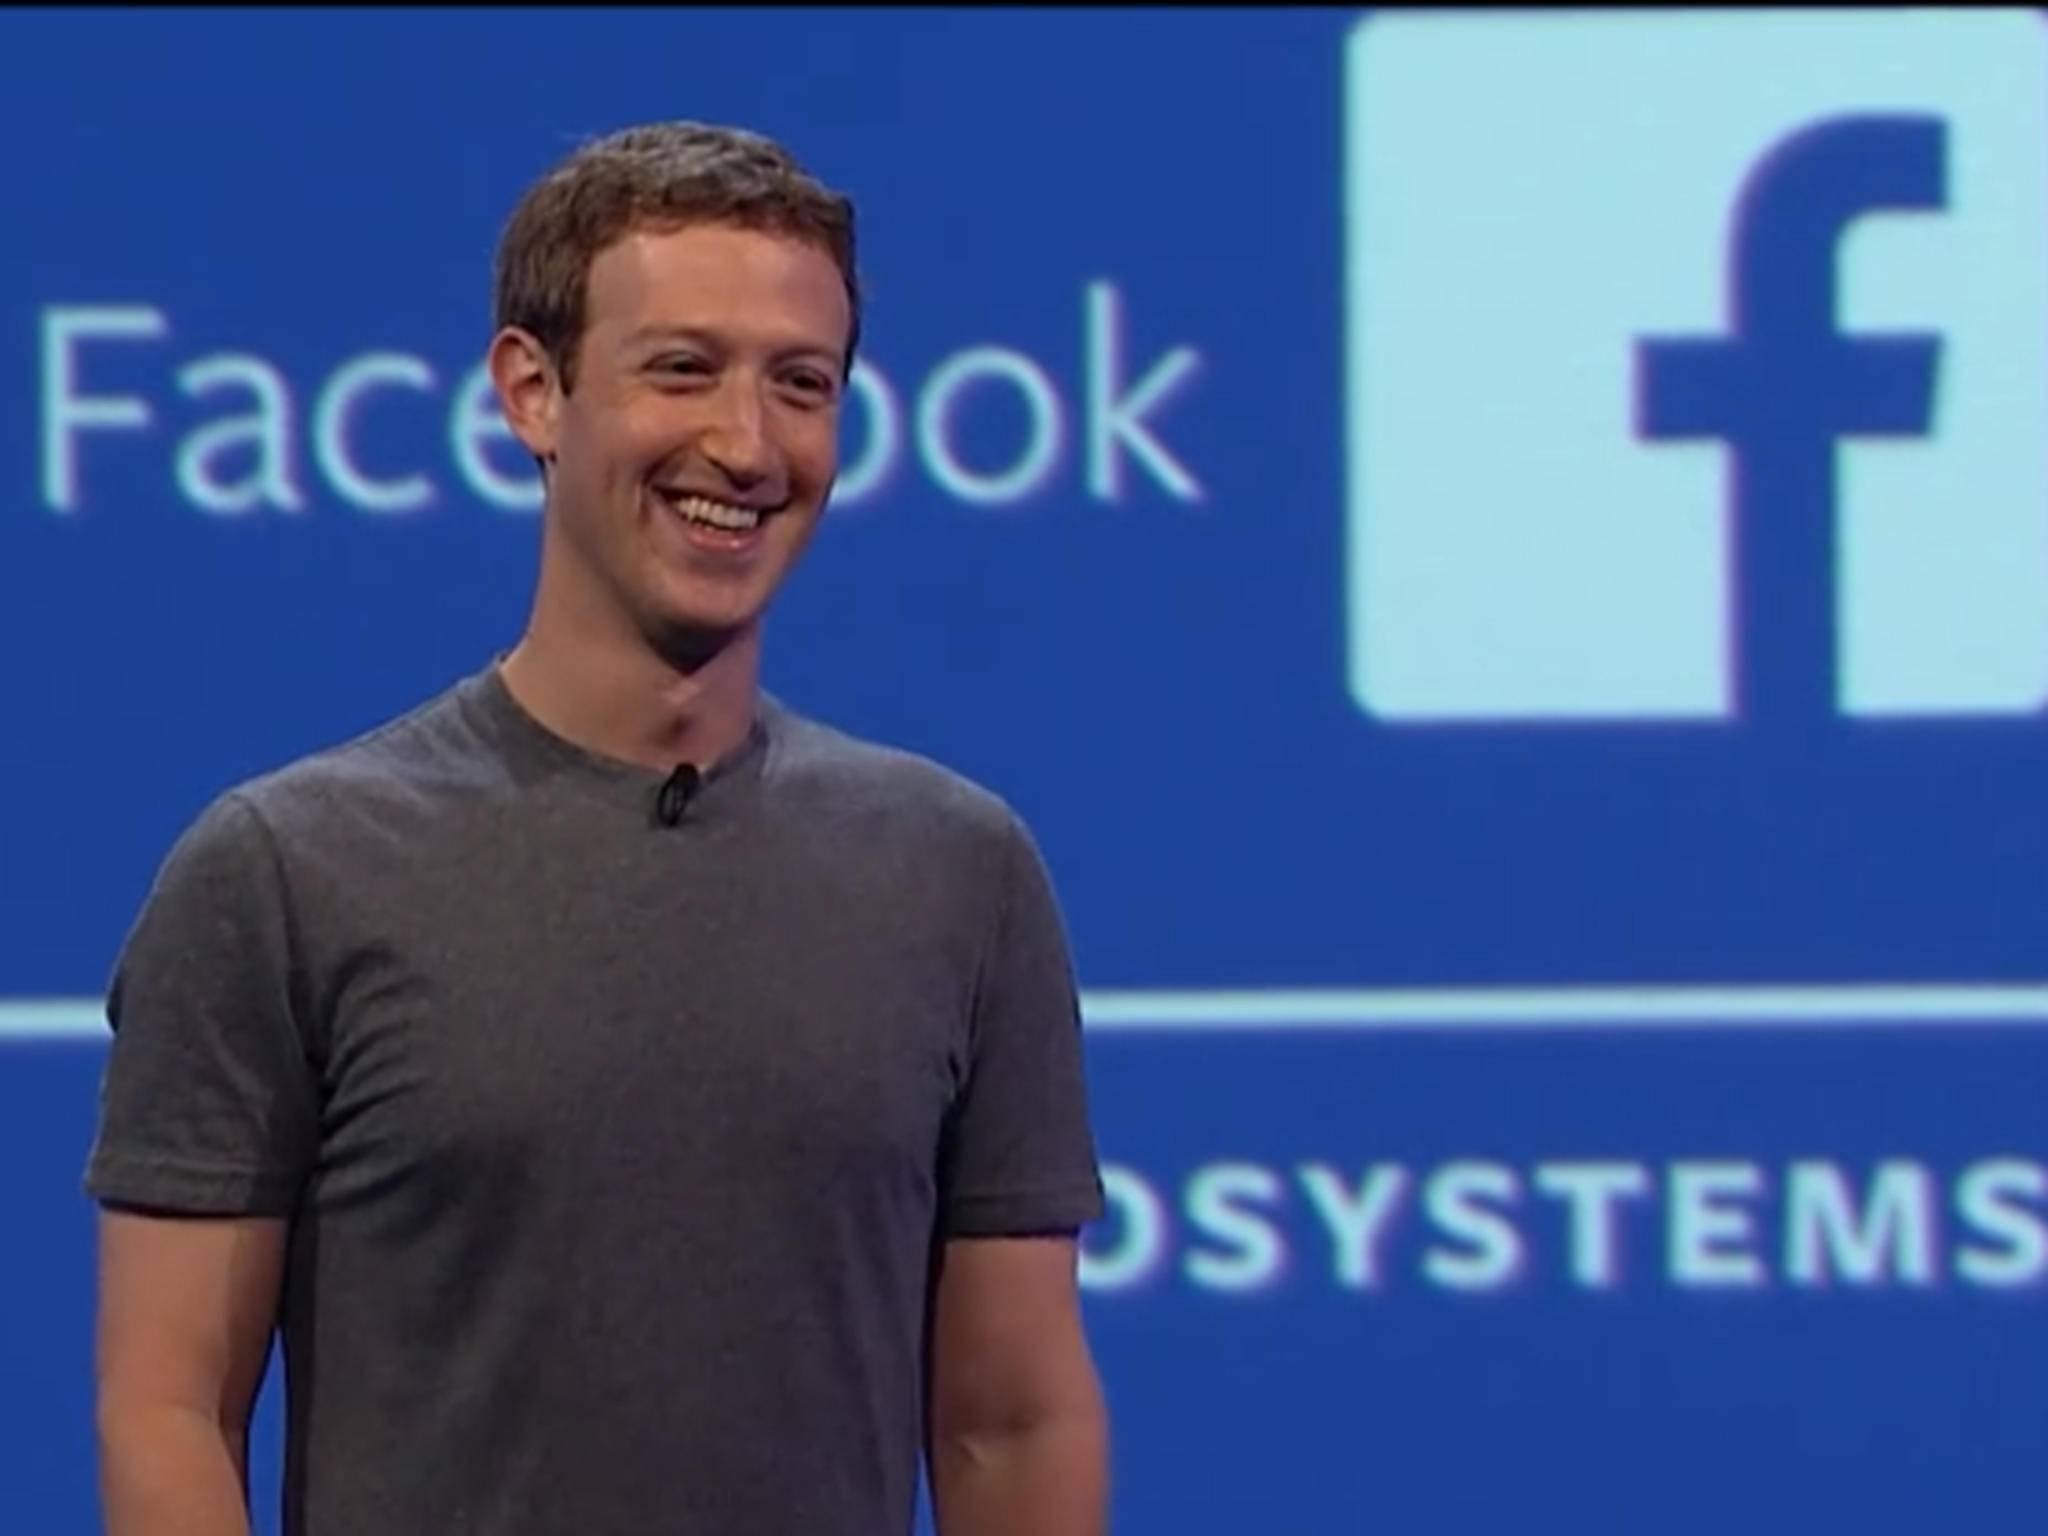 Da freut sichMark Zuckerberg. Für Oculus Rift ist personalisierte Werbung geplant.